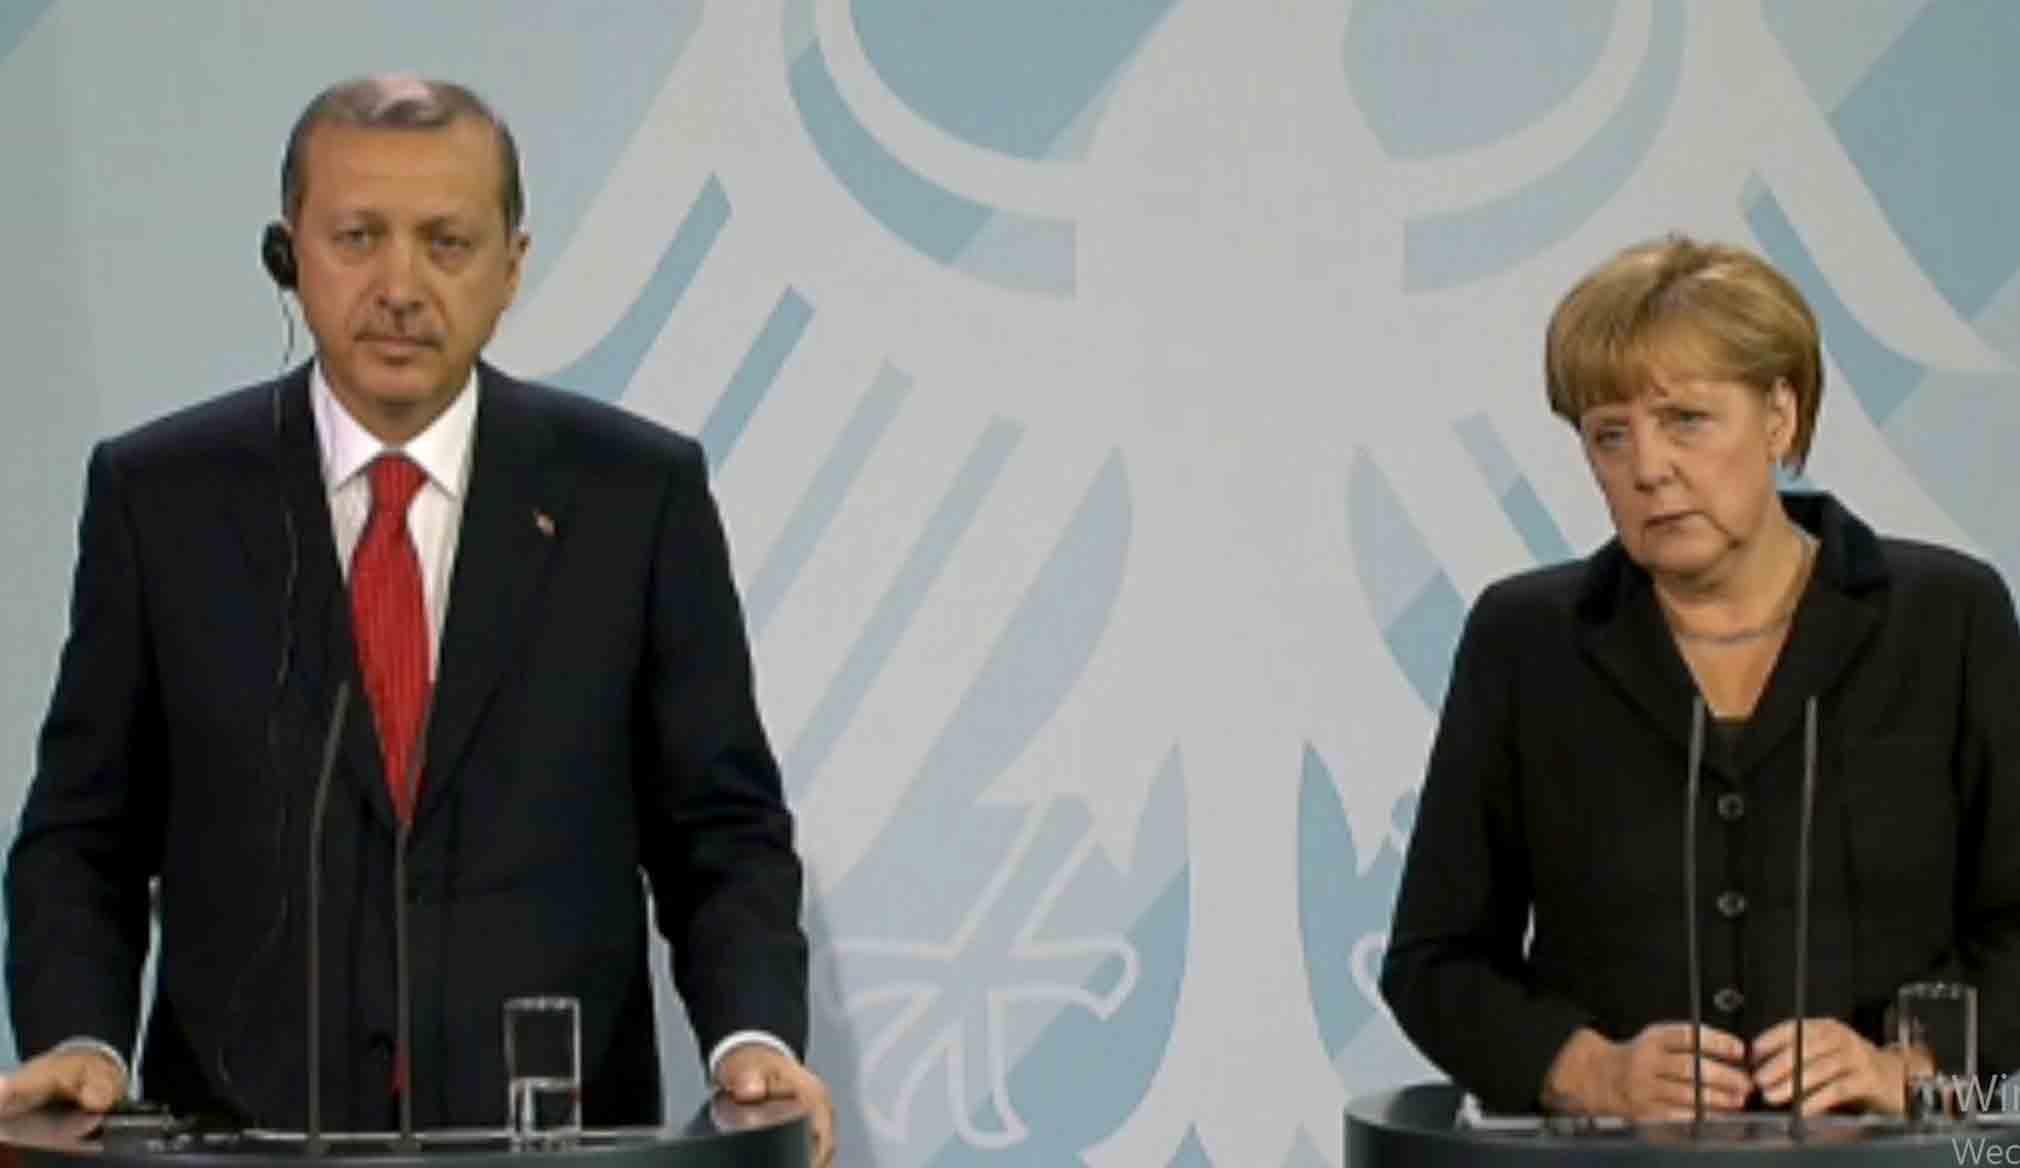 Bundeskanzlerin Merkel spricht mit dem türkischen Präsidenten, Recep Tayyip Erdoğan